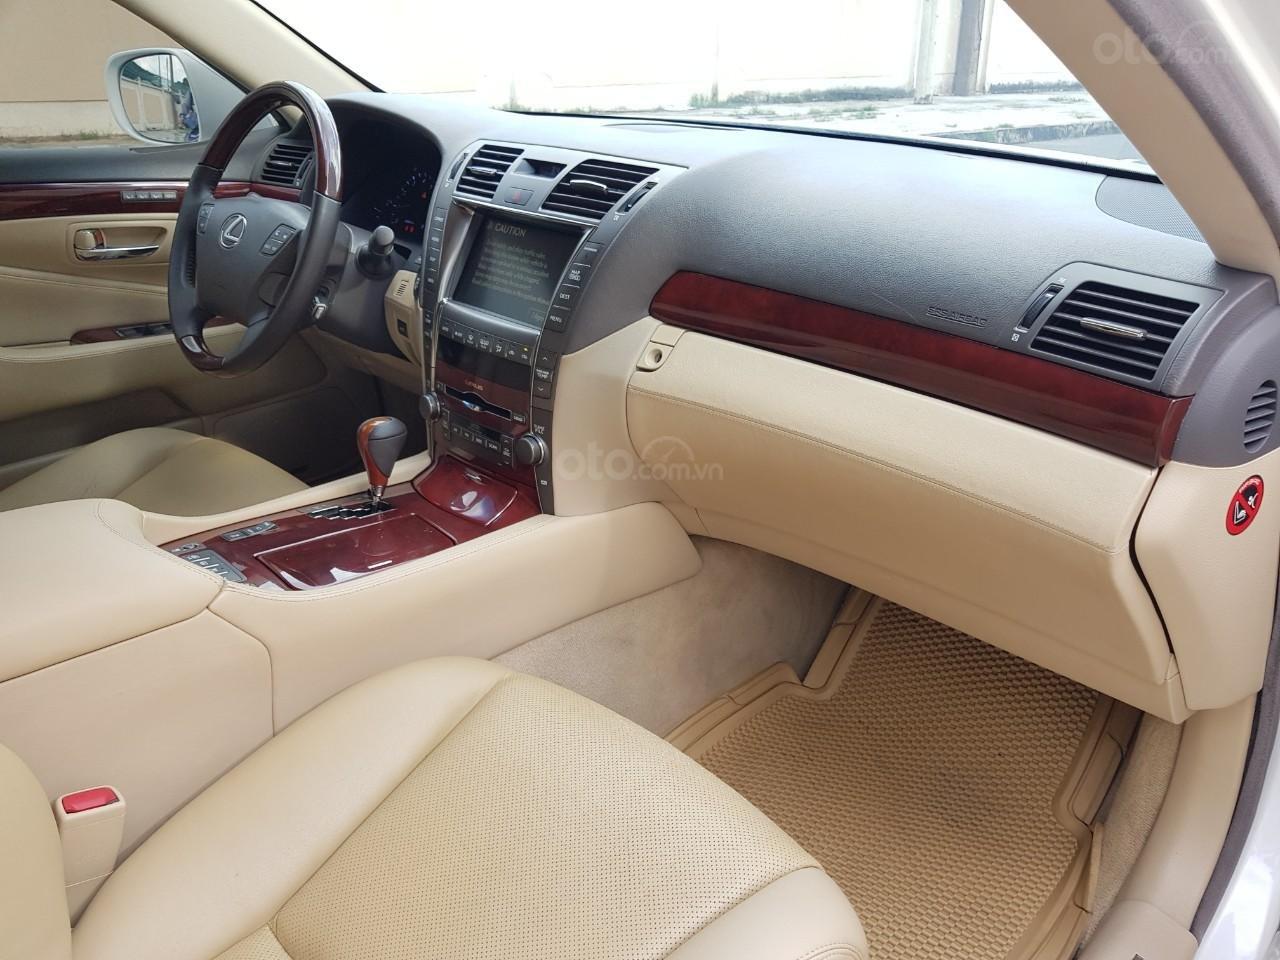 Bán xe Lexus LS 460L đời 2007, xe biển SG đẹp, màu trắng (9)